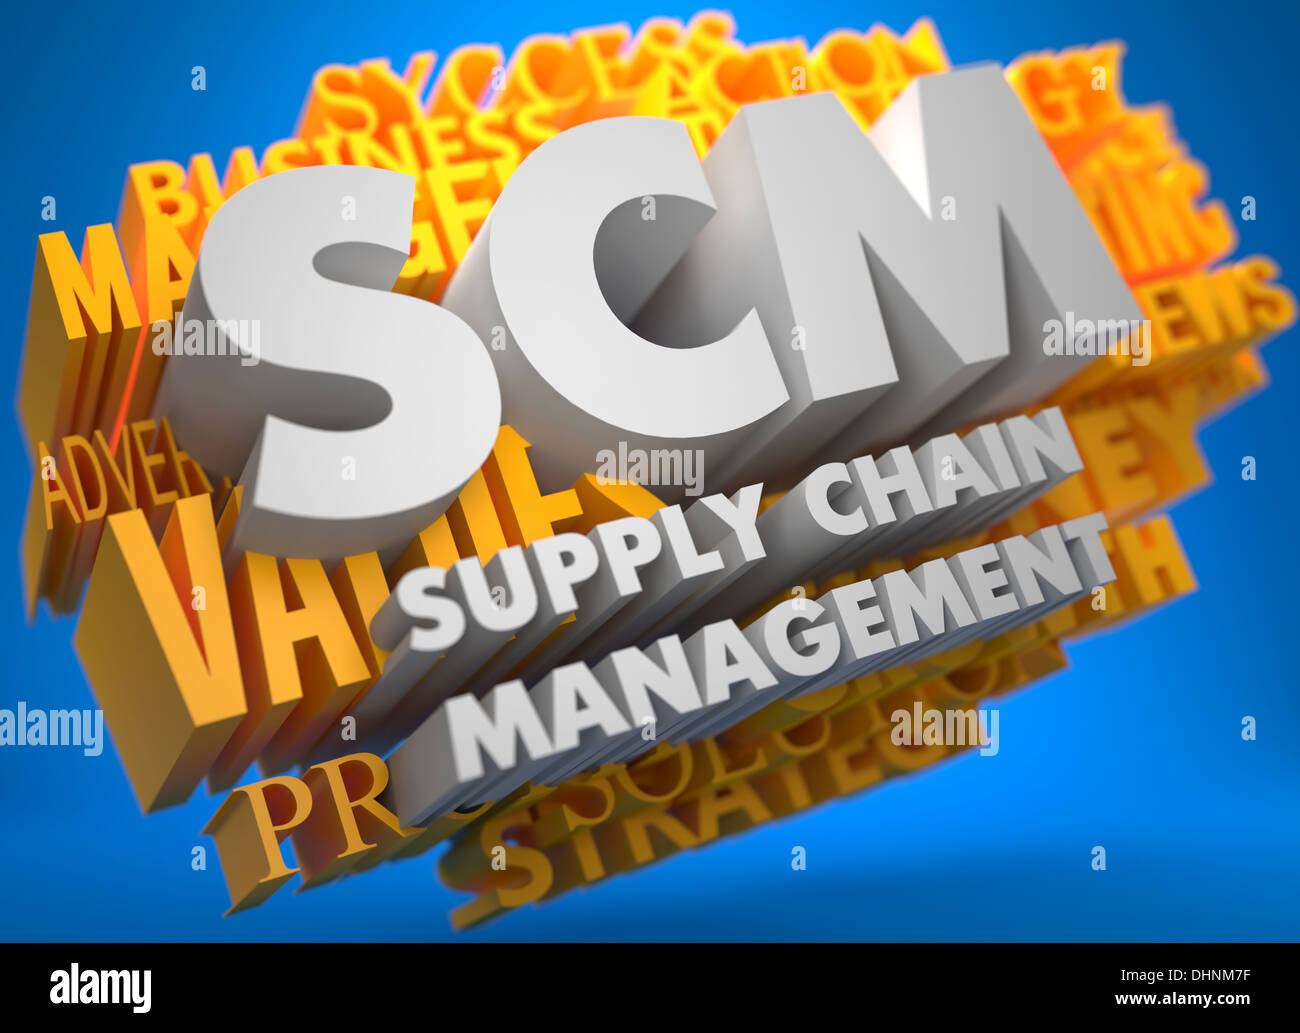 SCM. Business Concept. Stock Photo